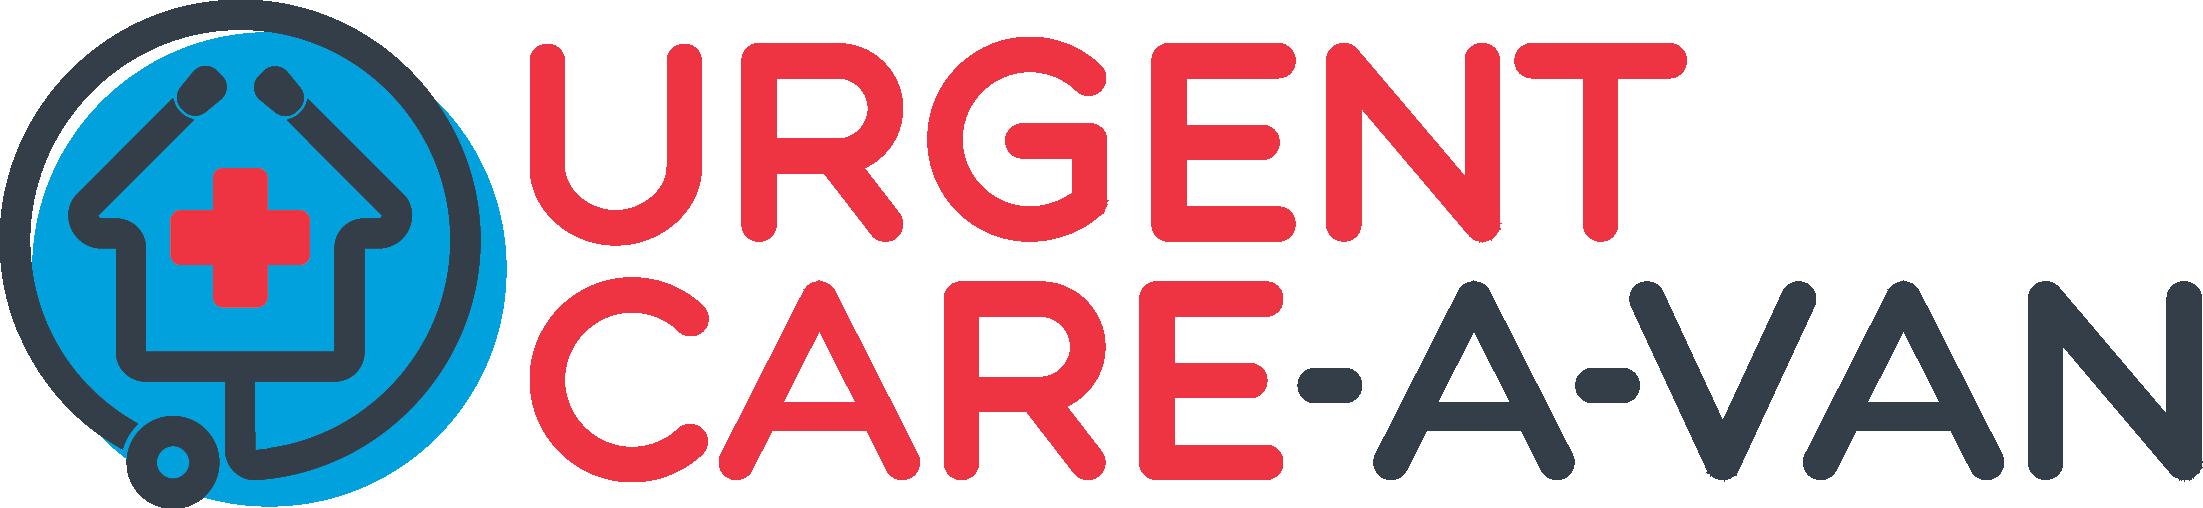 Urgent Care-a-Van, LLC